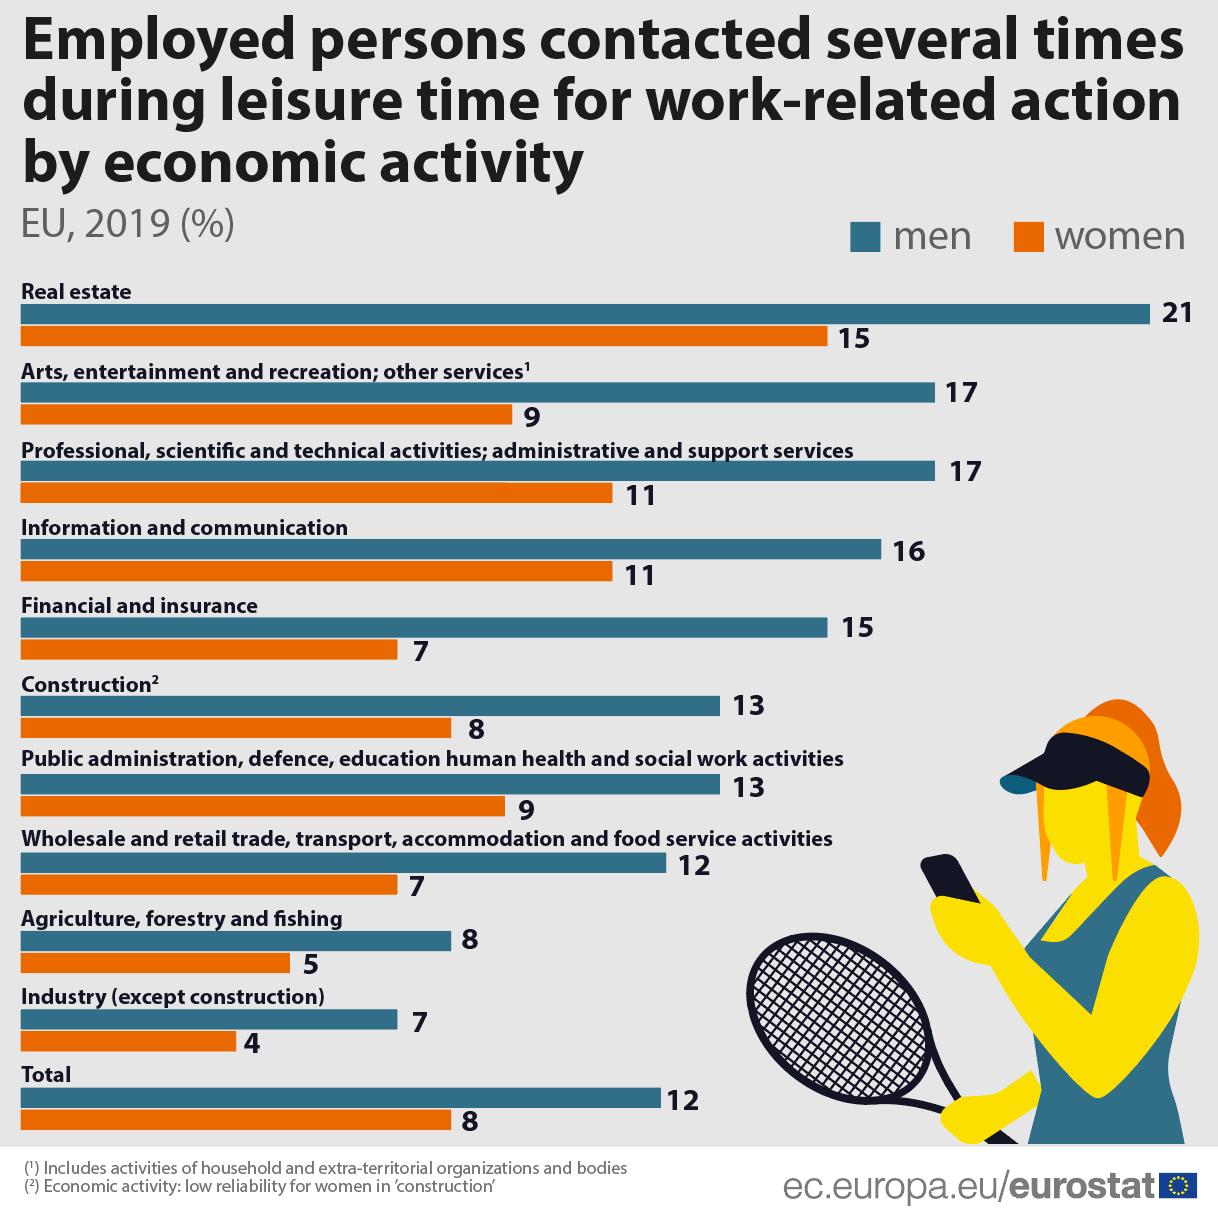 Nadređeni češće kontaktiraju muškarce van radnog vremena 2